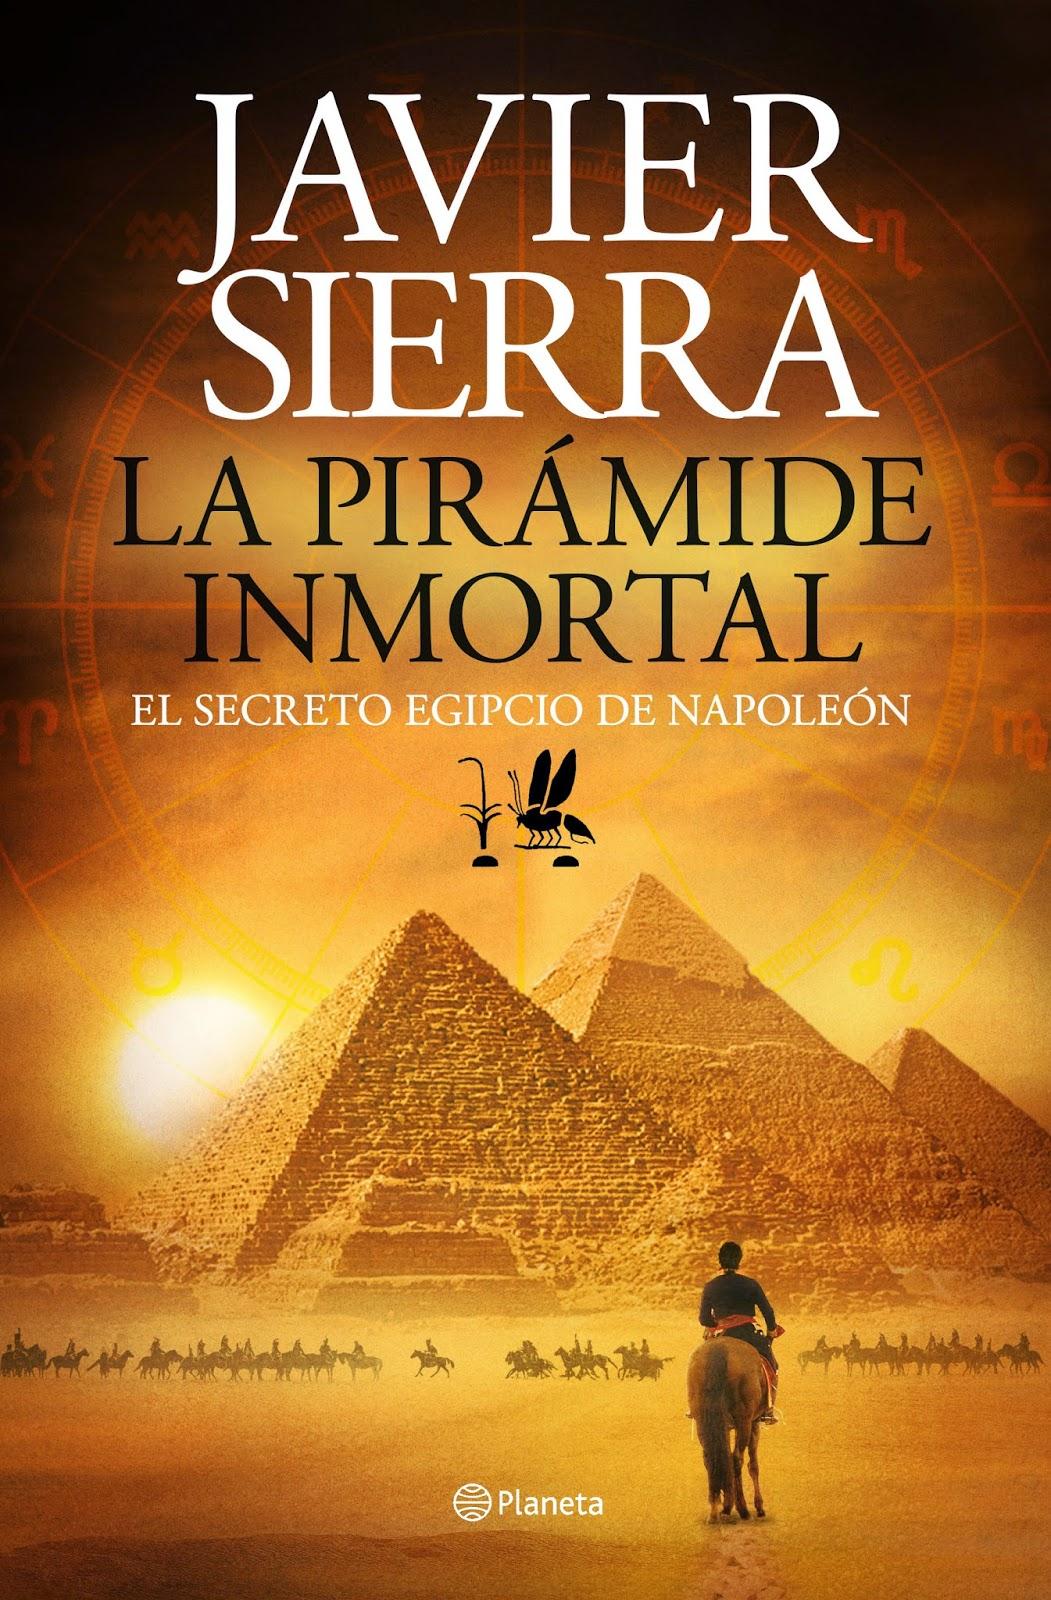 La pirámide inmortal Javier Sierra